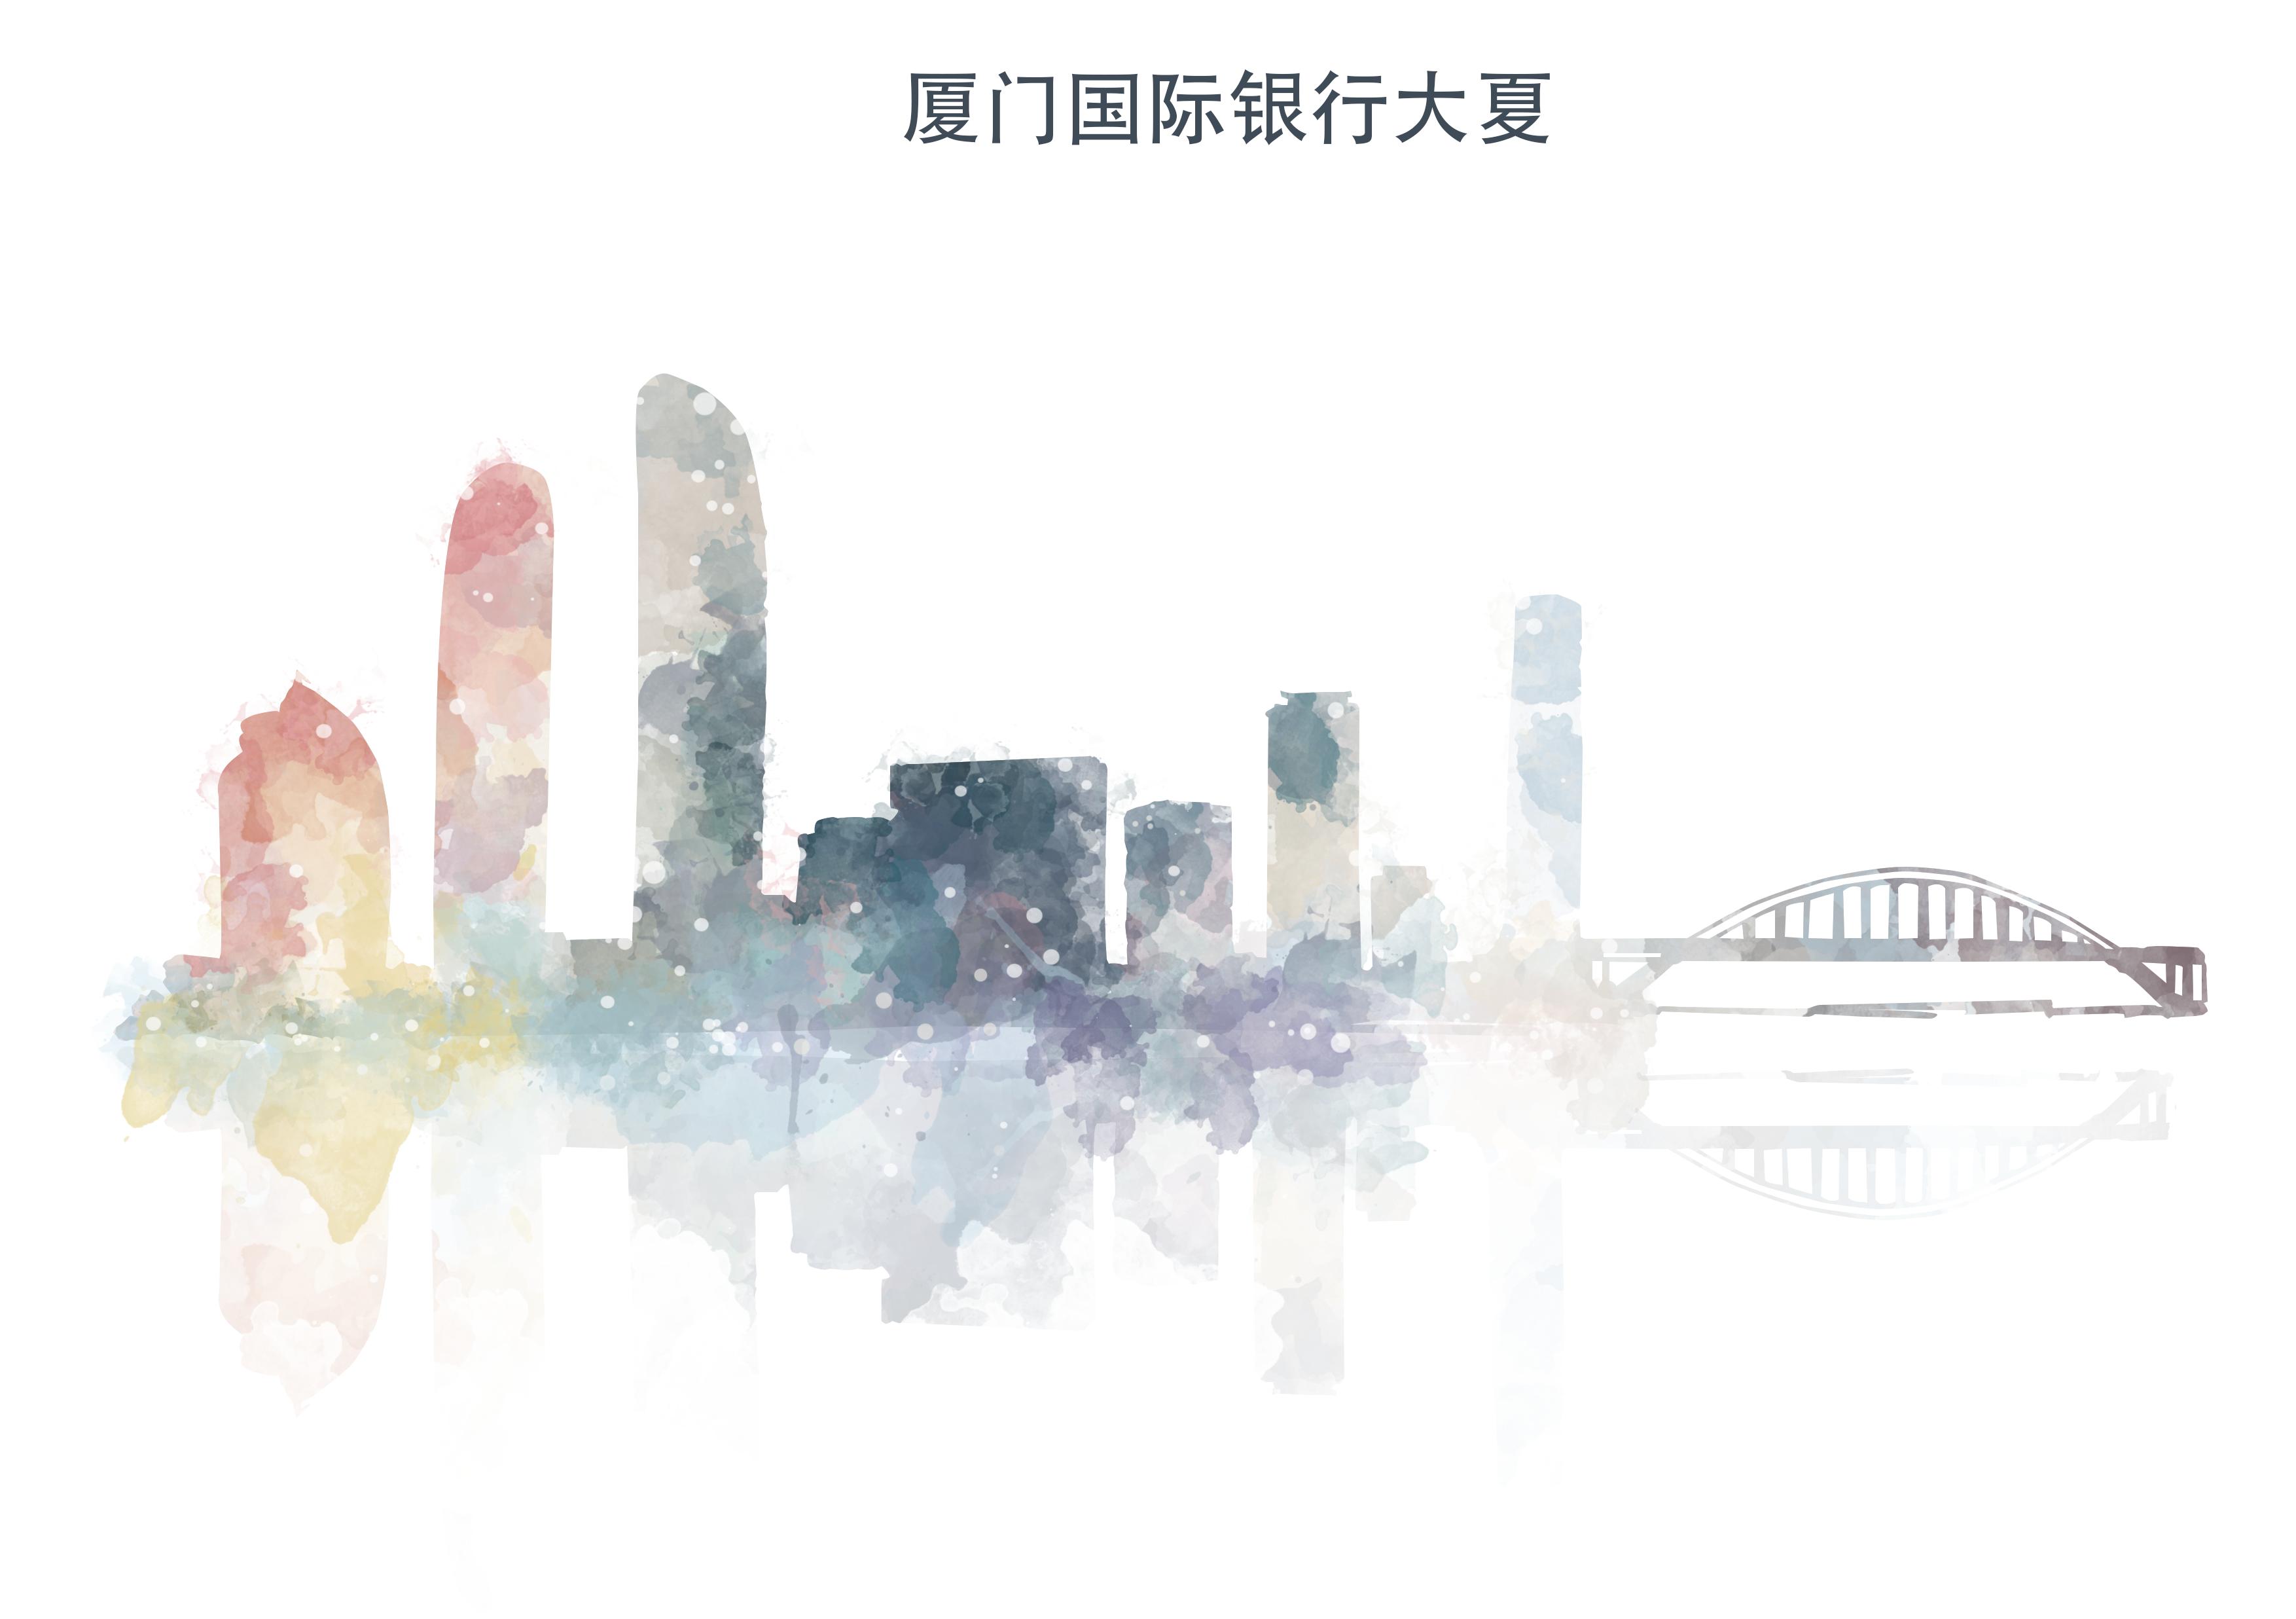 原创作品:厦门风景插画